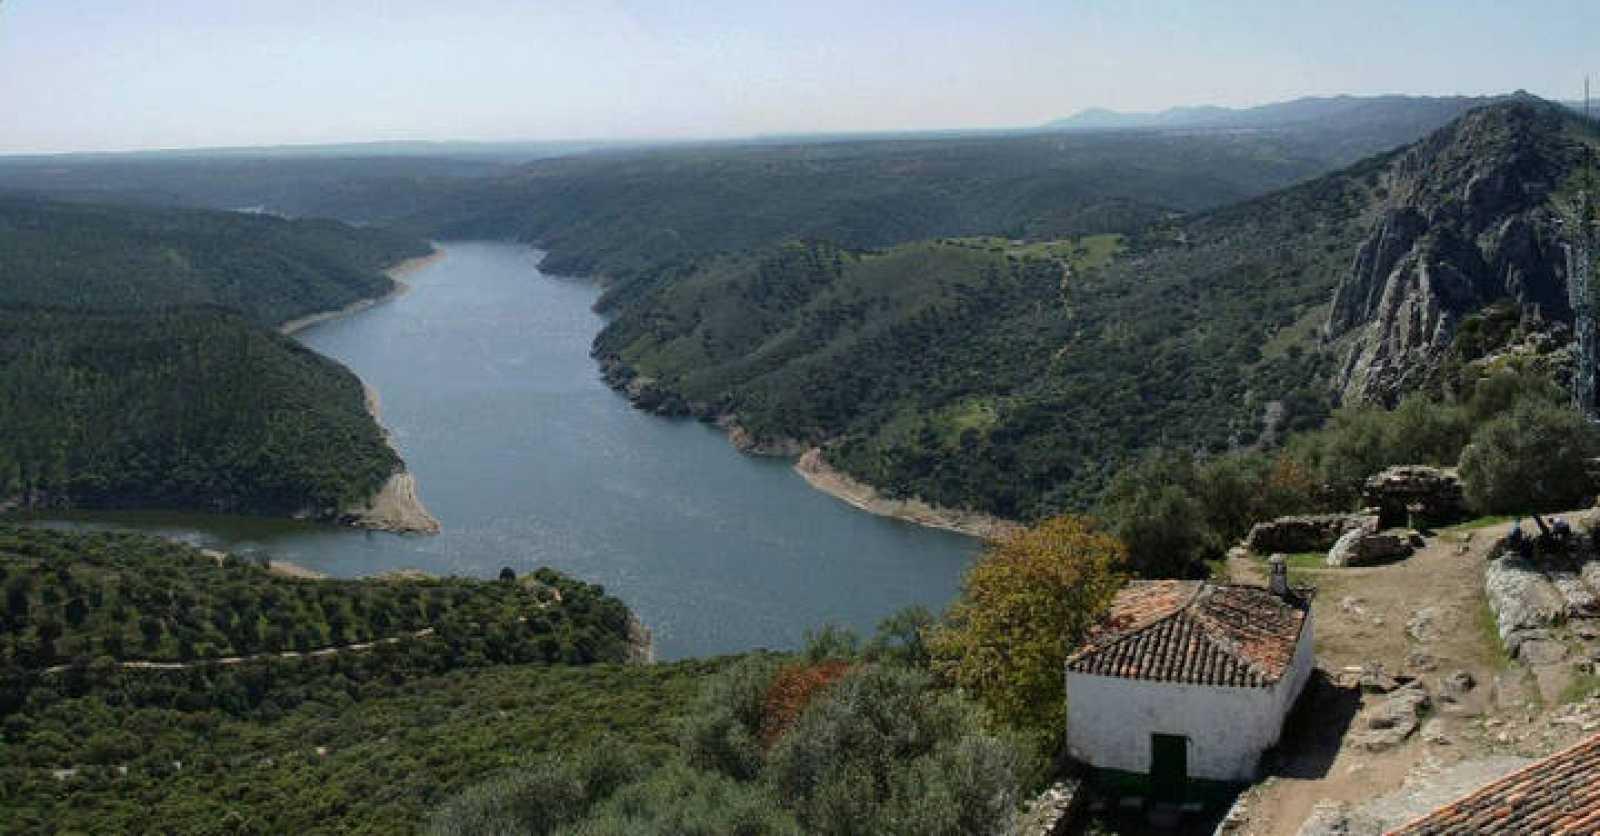 Vista del Parque Nacional de Monfragüe desde el castillo.